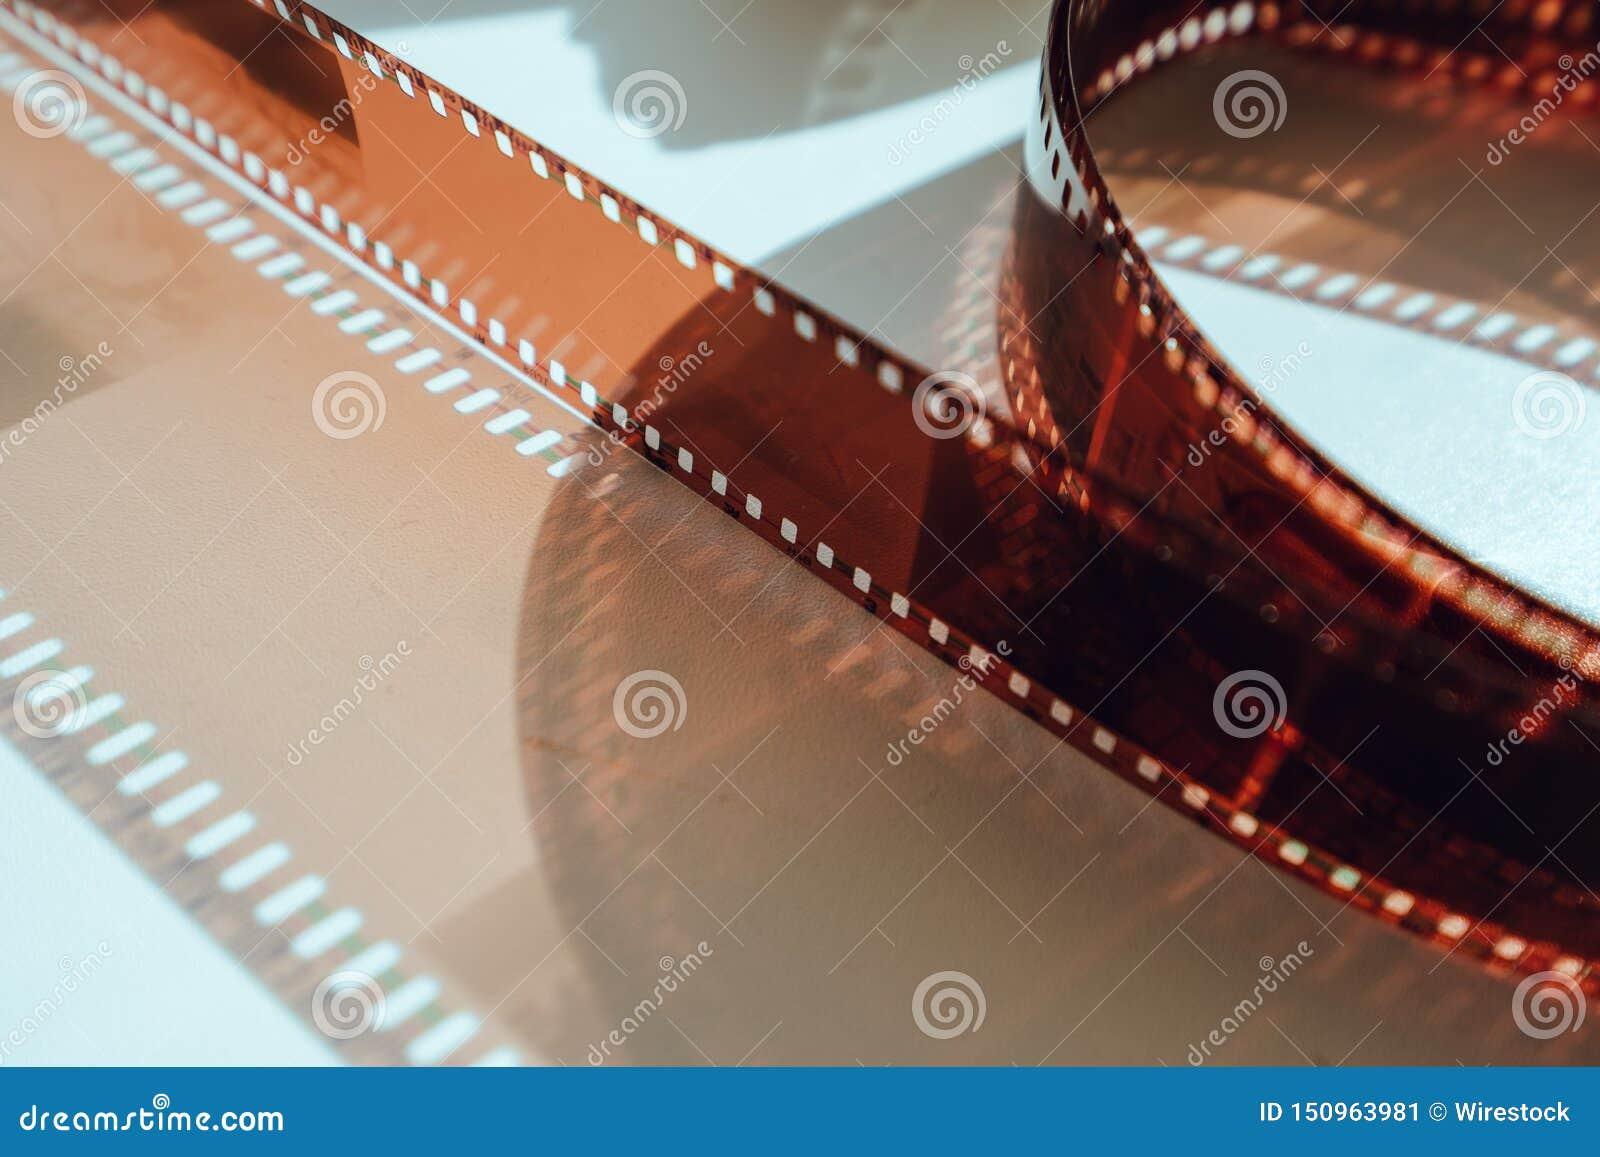 Παλαιό εξέλικτρο ταινιών που αυξάνεται από στενό